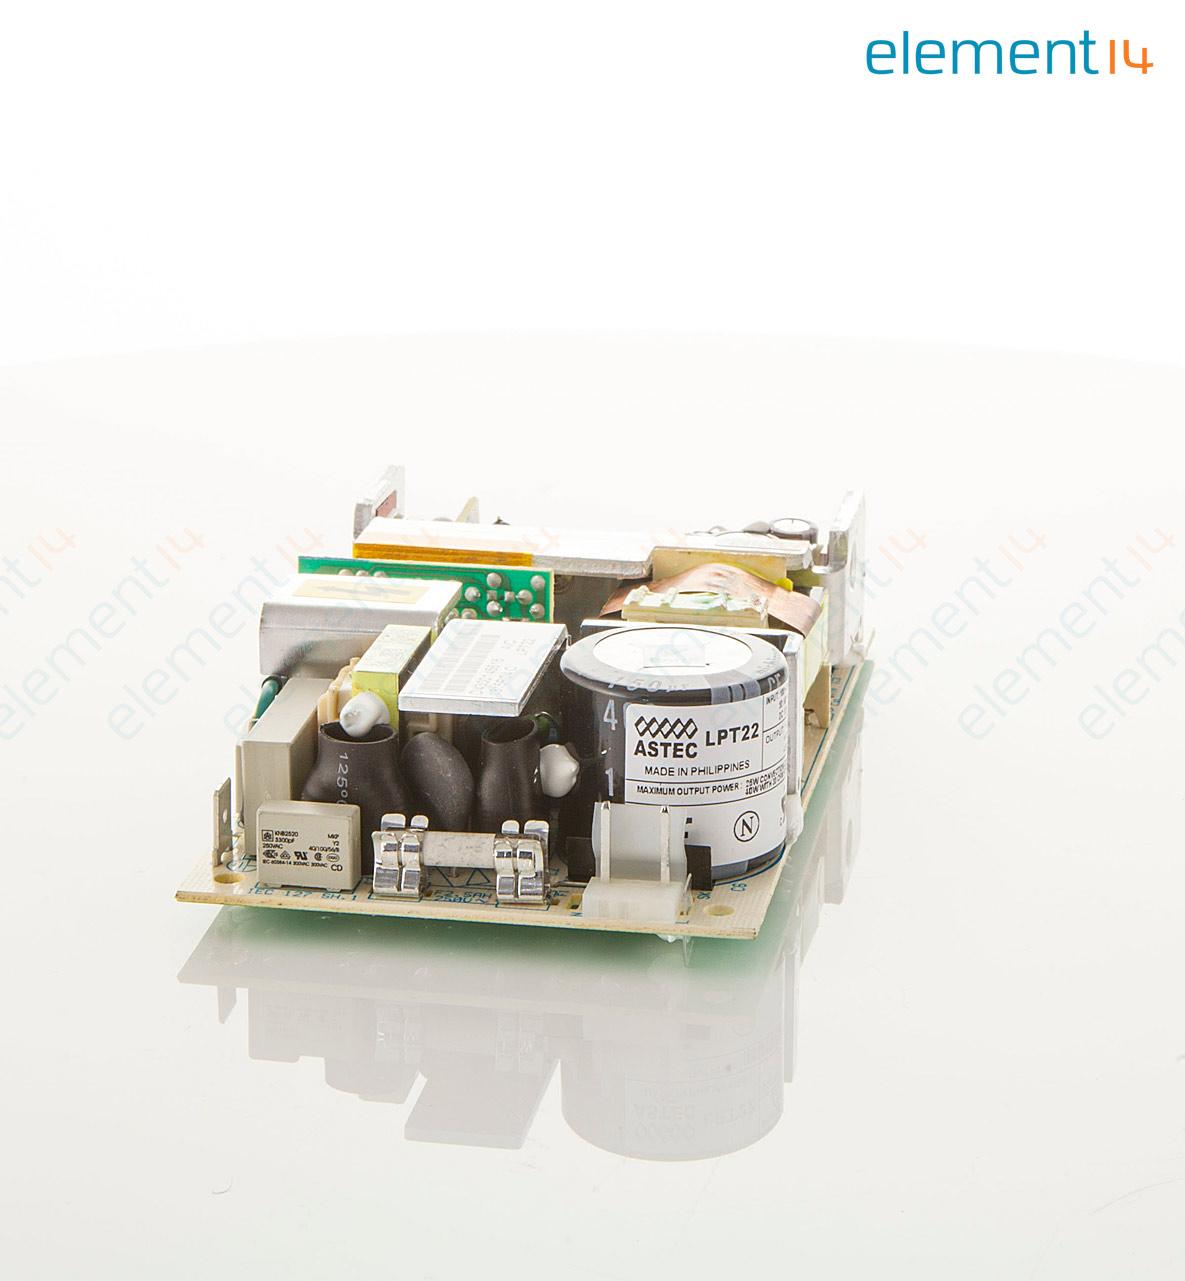 LPT22 ARTESYN EMBEDDED TECHNOLOGIES, Fuente de Alimentación AC/DC ...